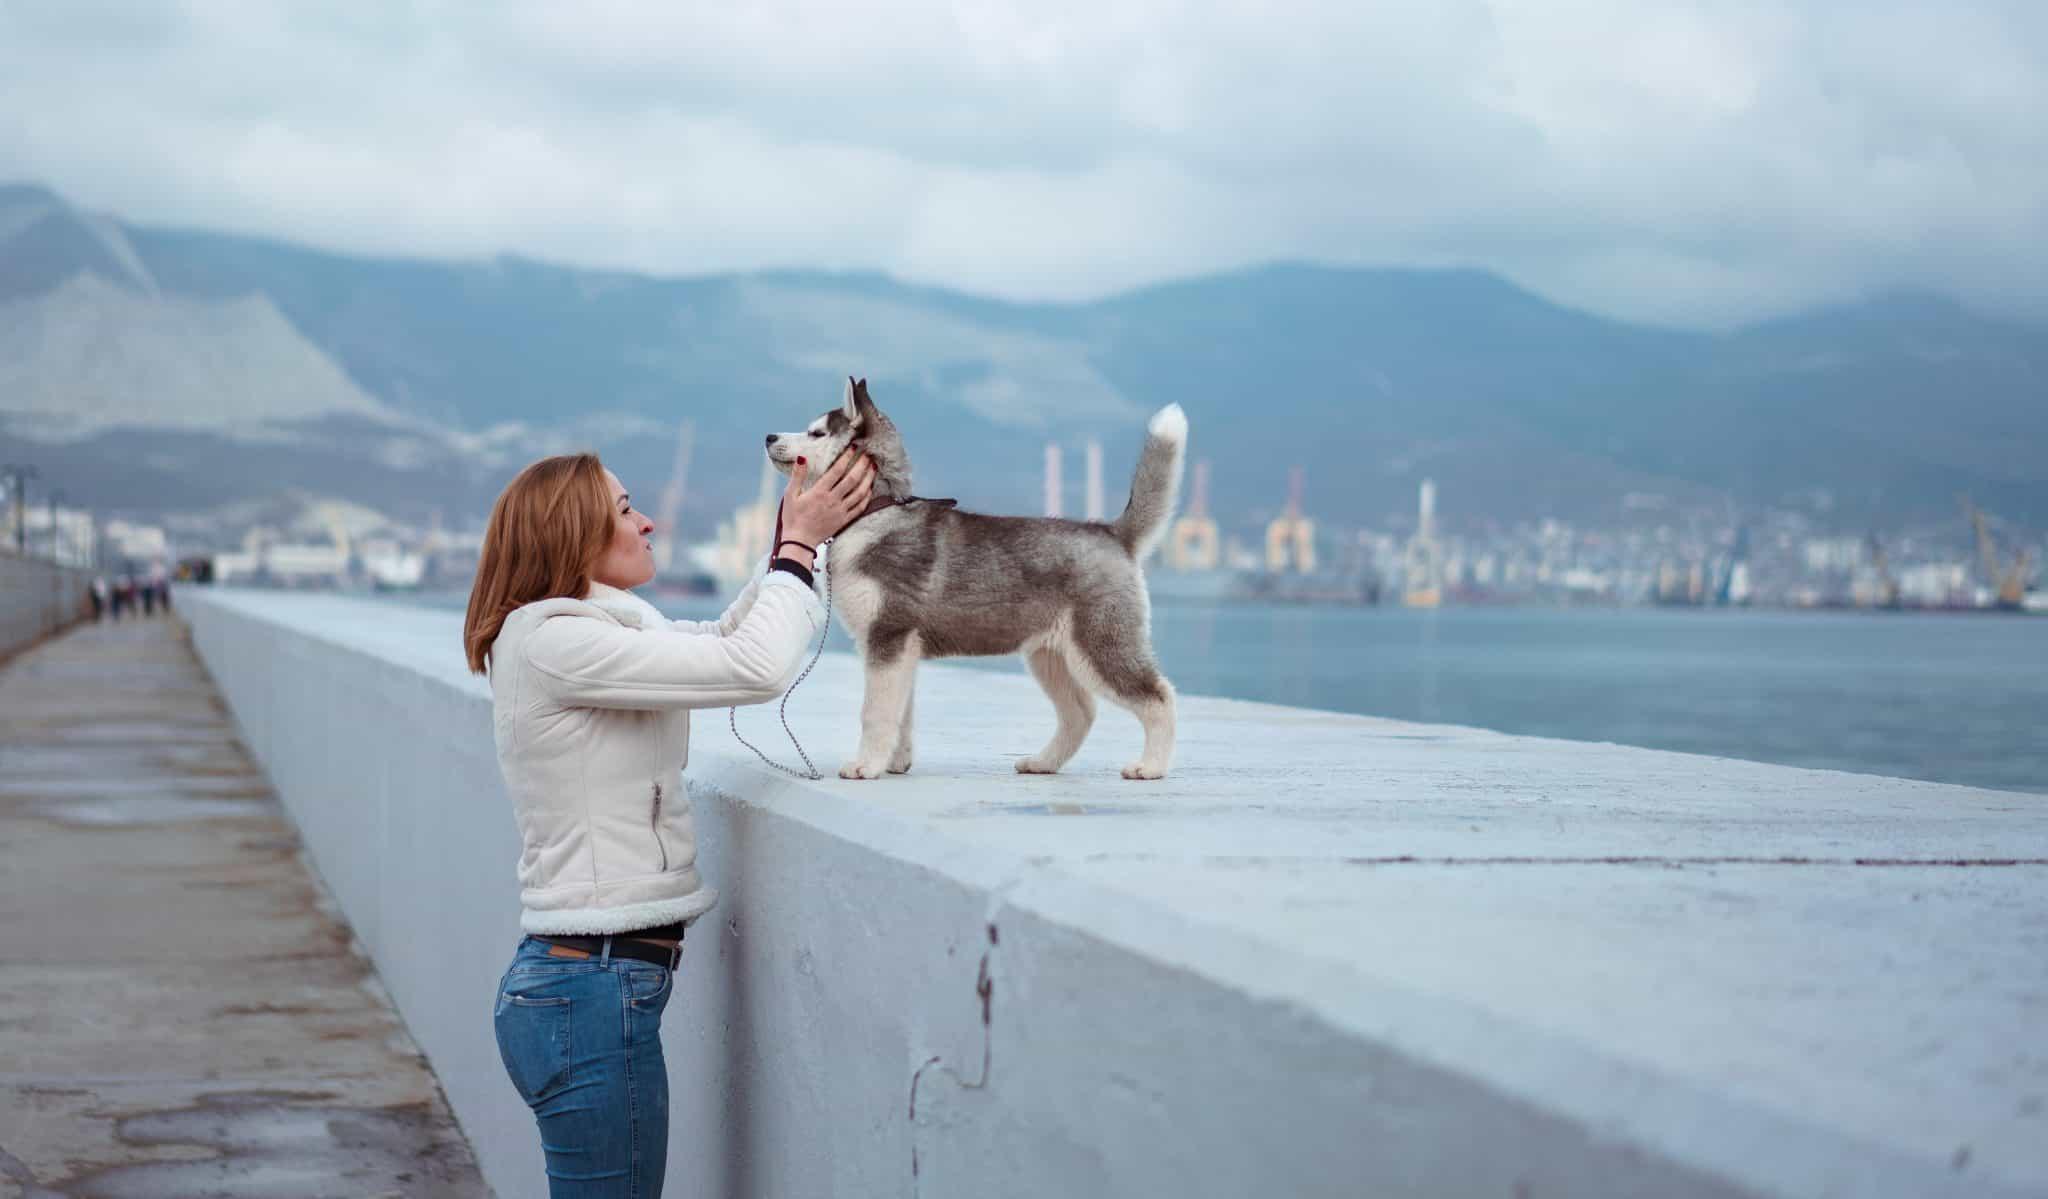 Immo Zentralede Tierhaltung In Mietwohnungen Verboten Oder Erlaubt